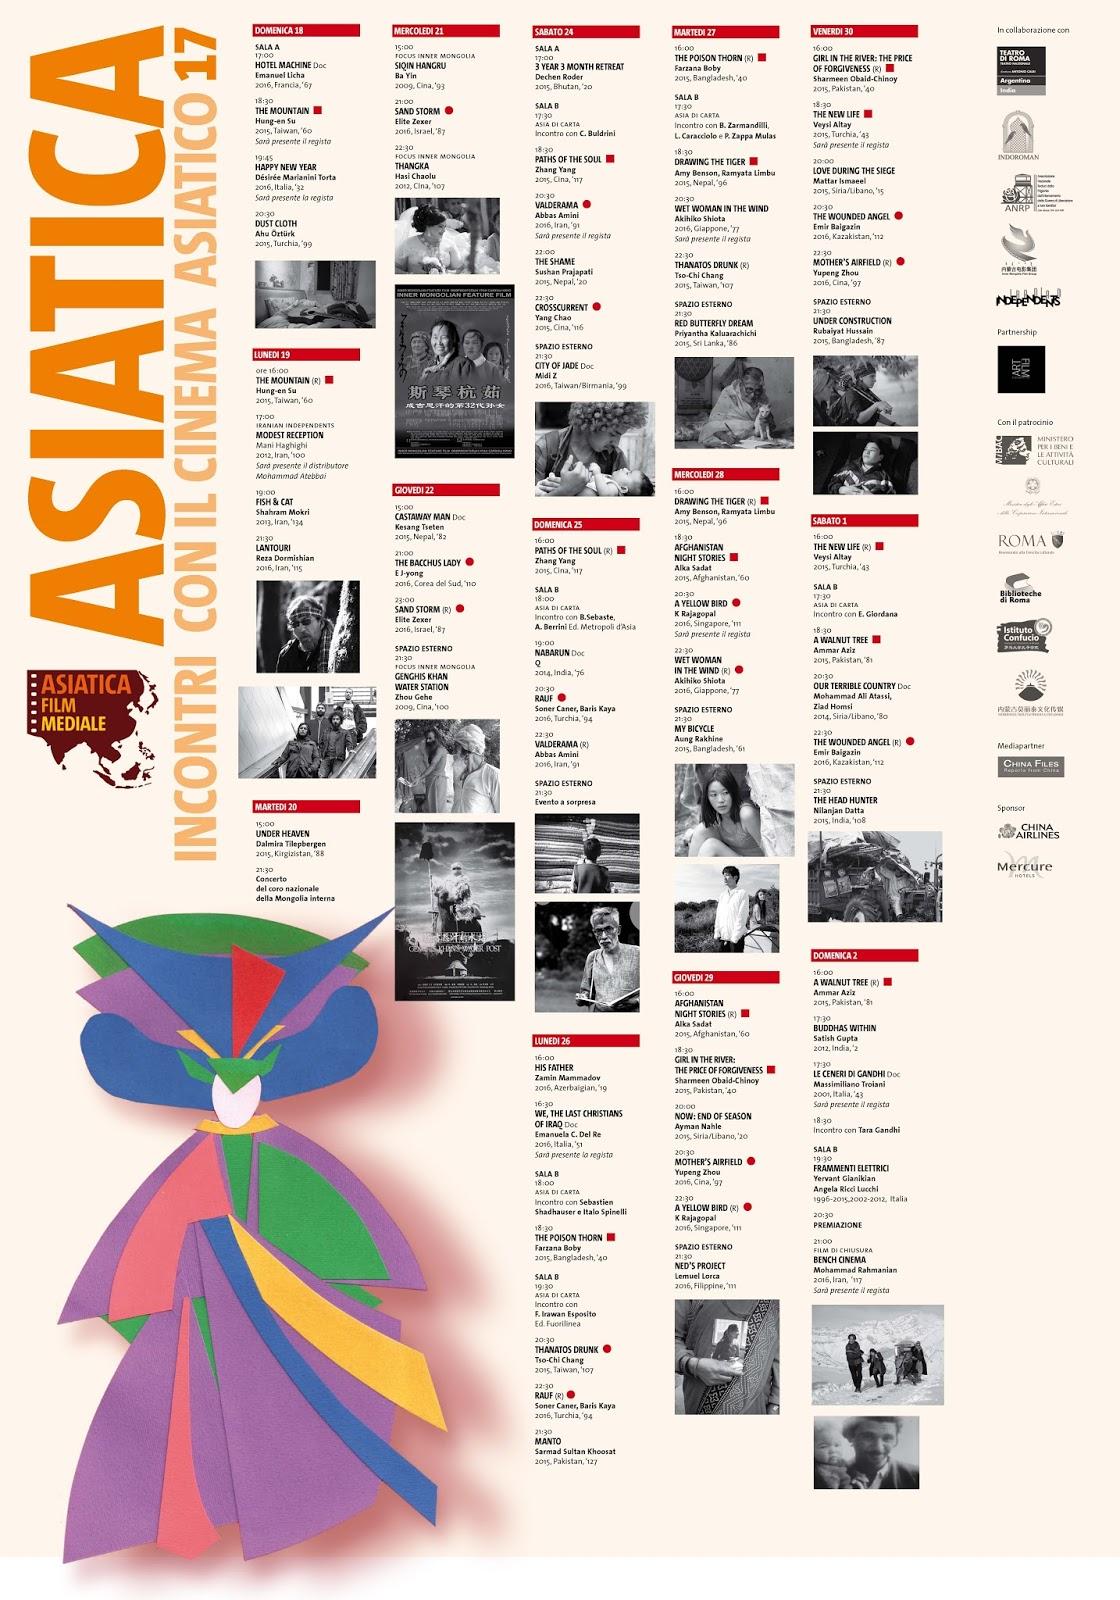 miglior sito di incontri asiatici 2015